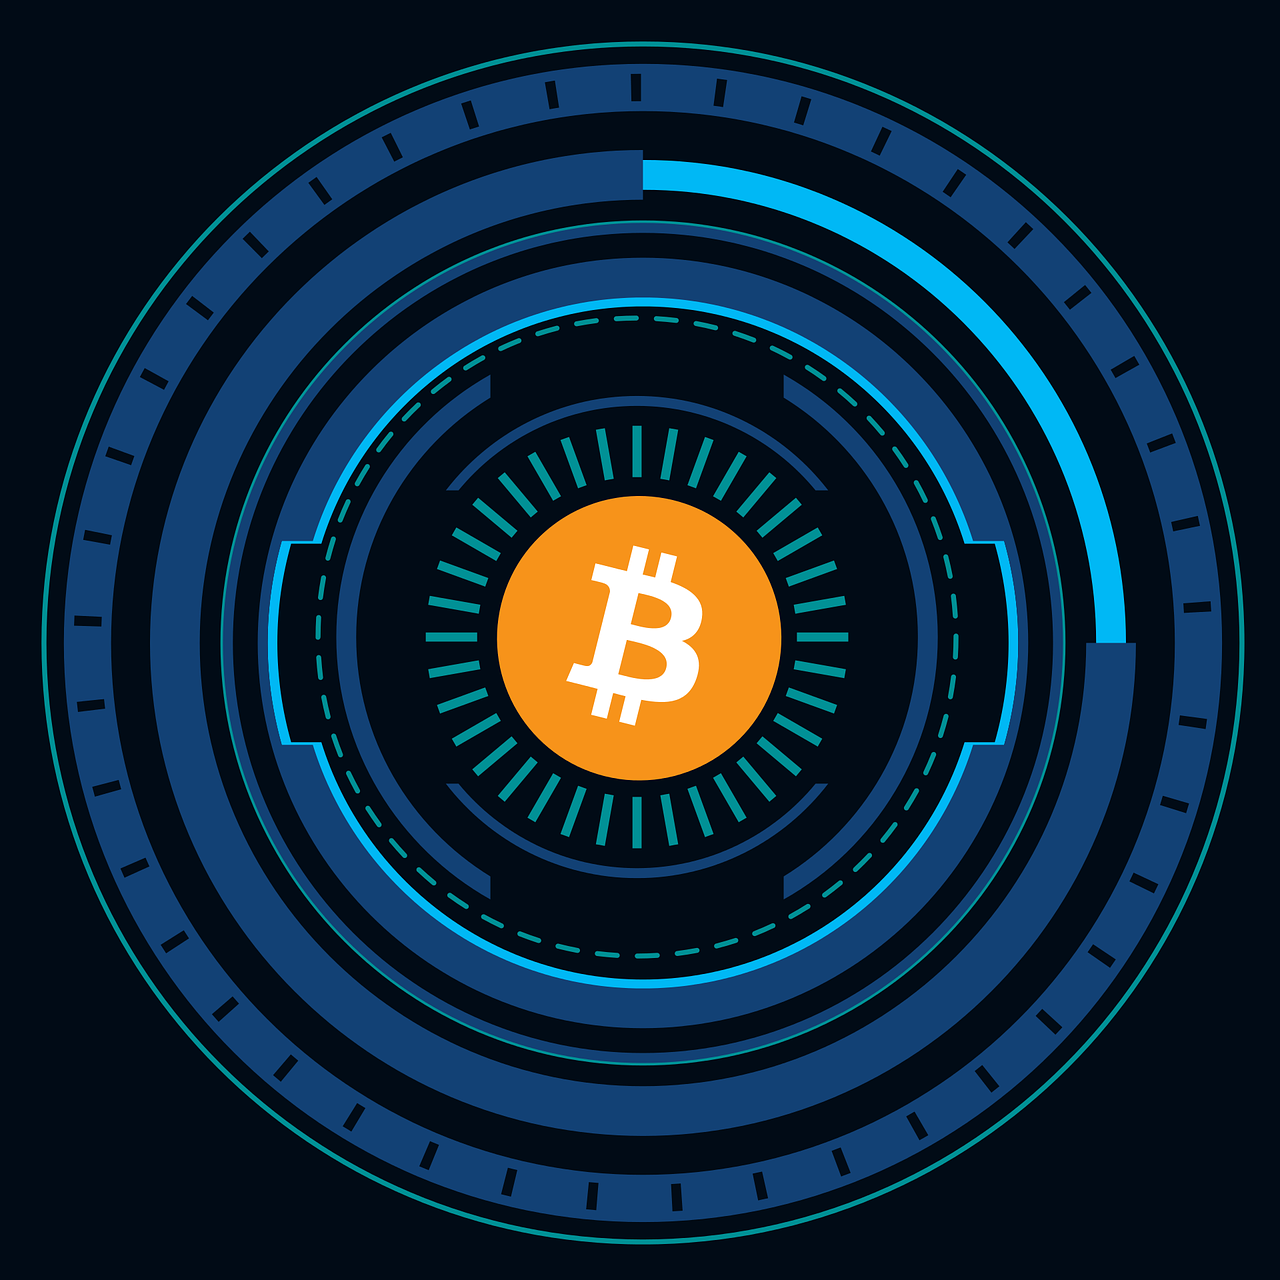 Twitter para permitir que los usuarios reciban Bitcoin y Ethereum a través de su función Tip Jar